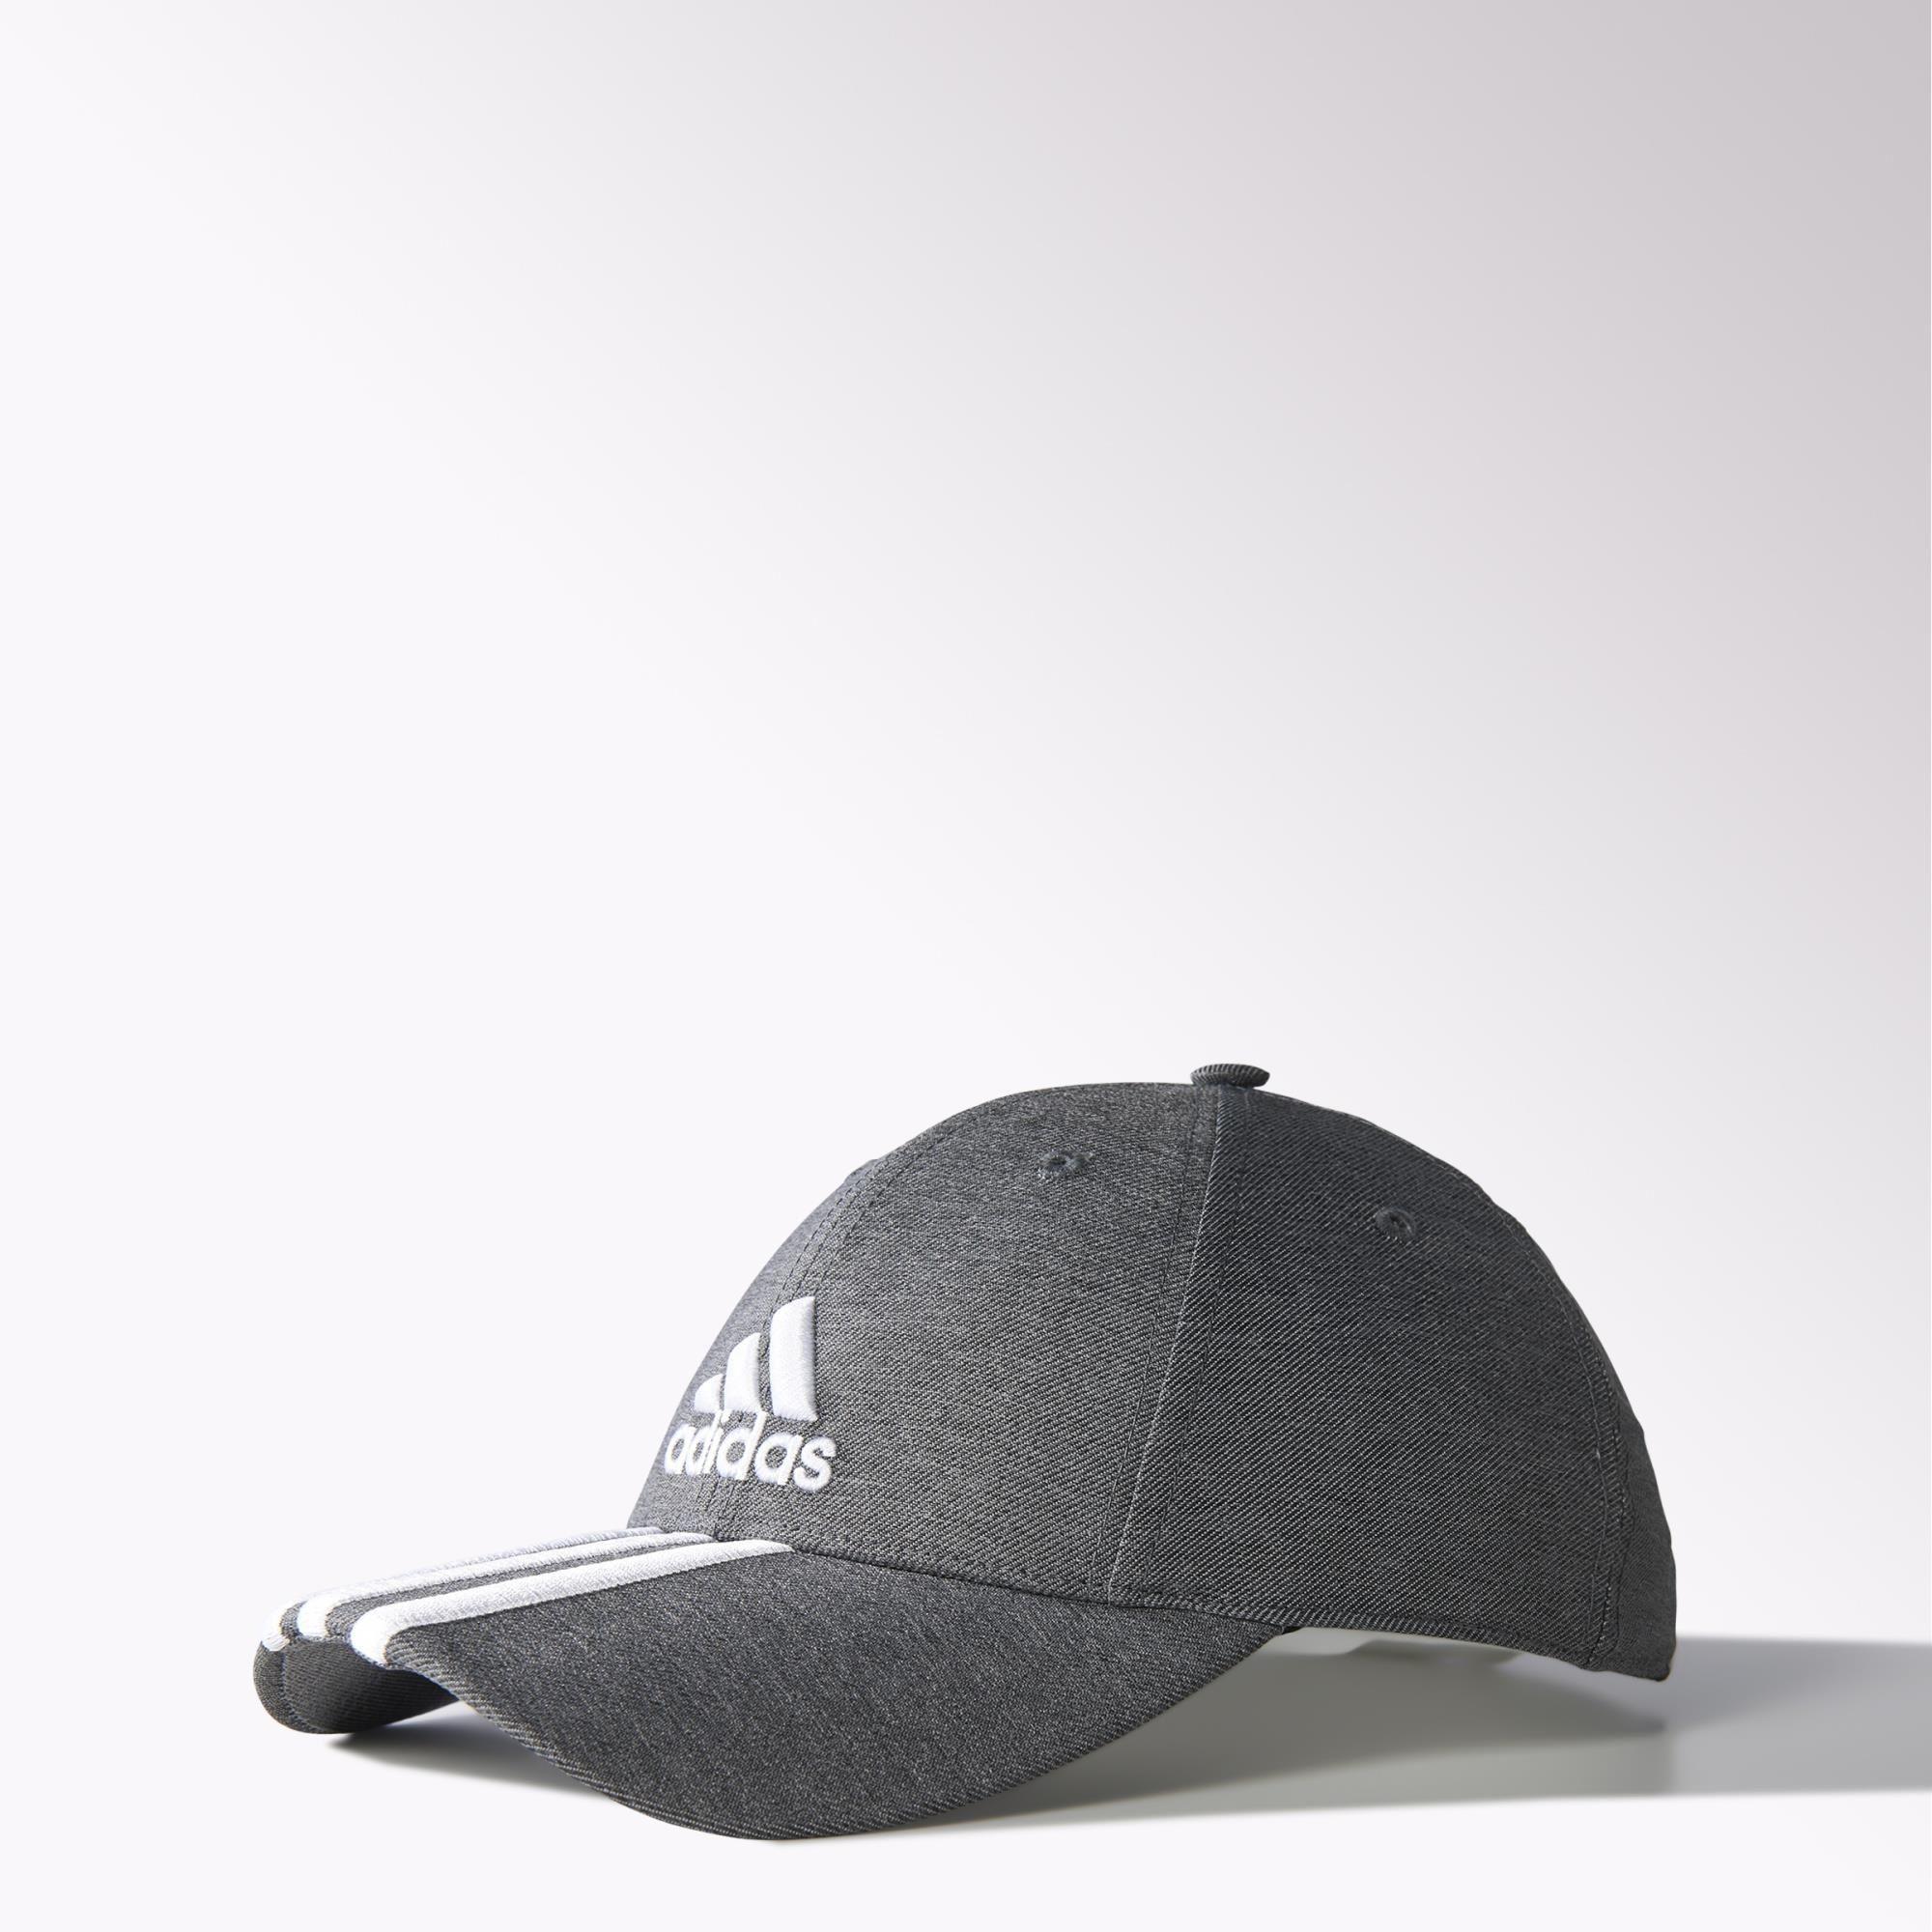 Desfiladero granero impacto  Gorra Performance 3 bandas adidas | adidas España | Adidas cap, Baseball  hats, Headwear